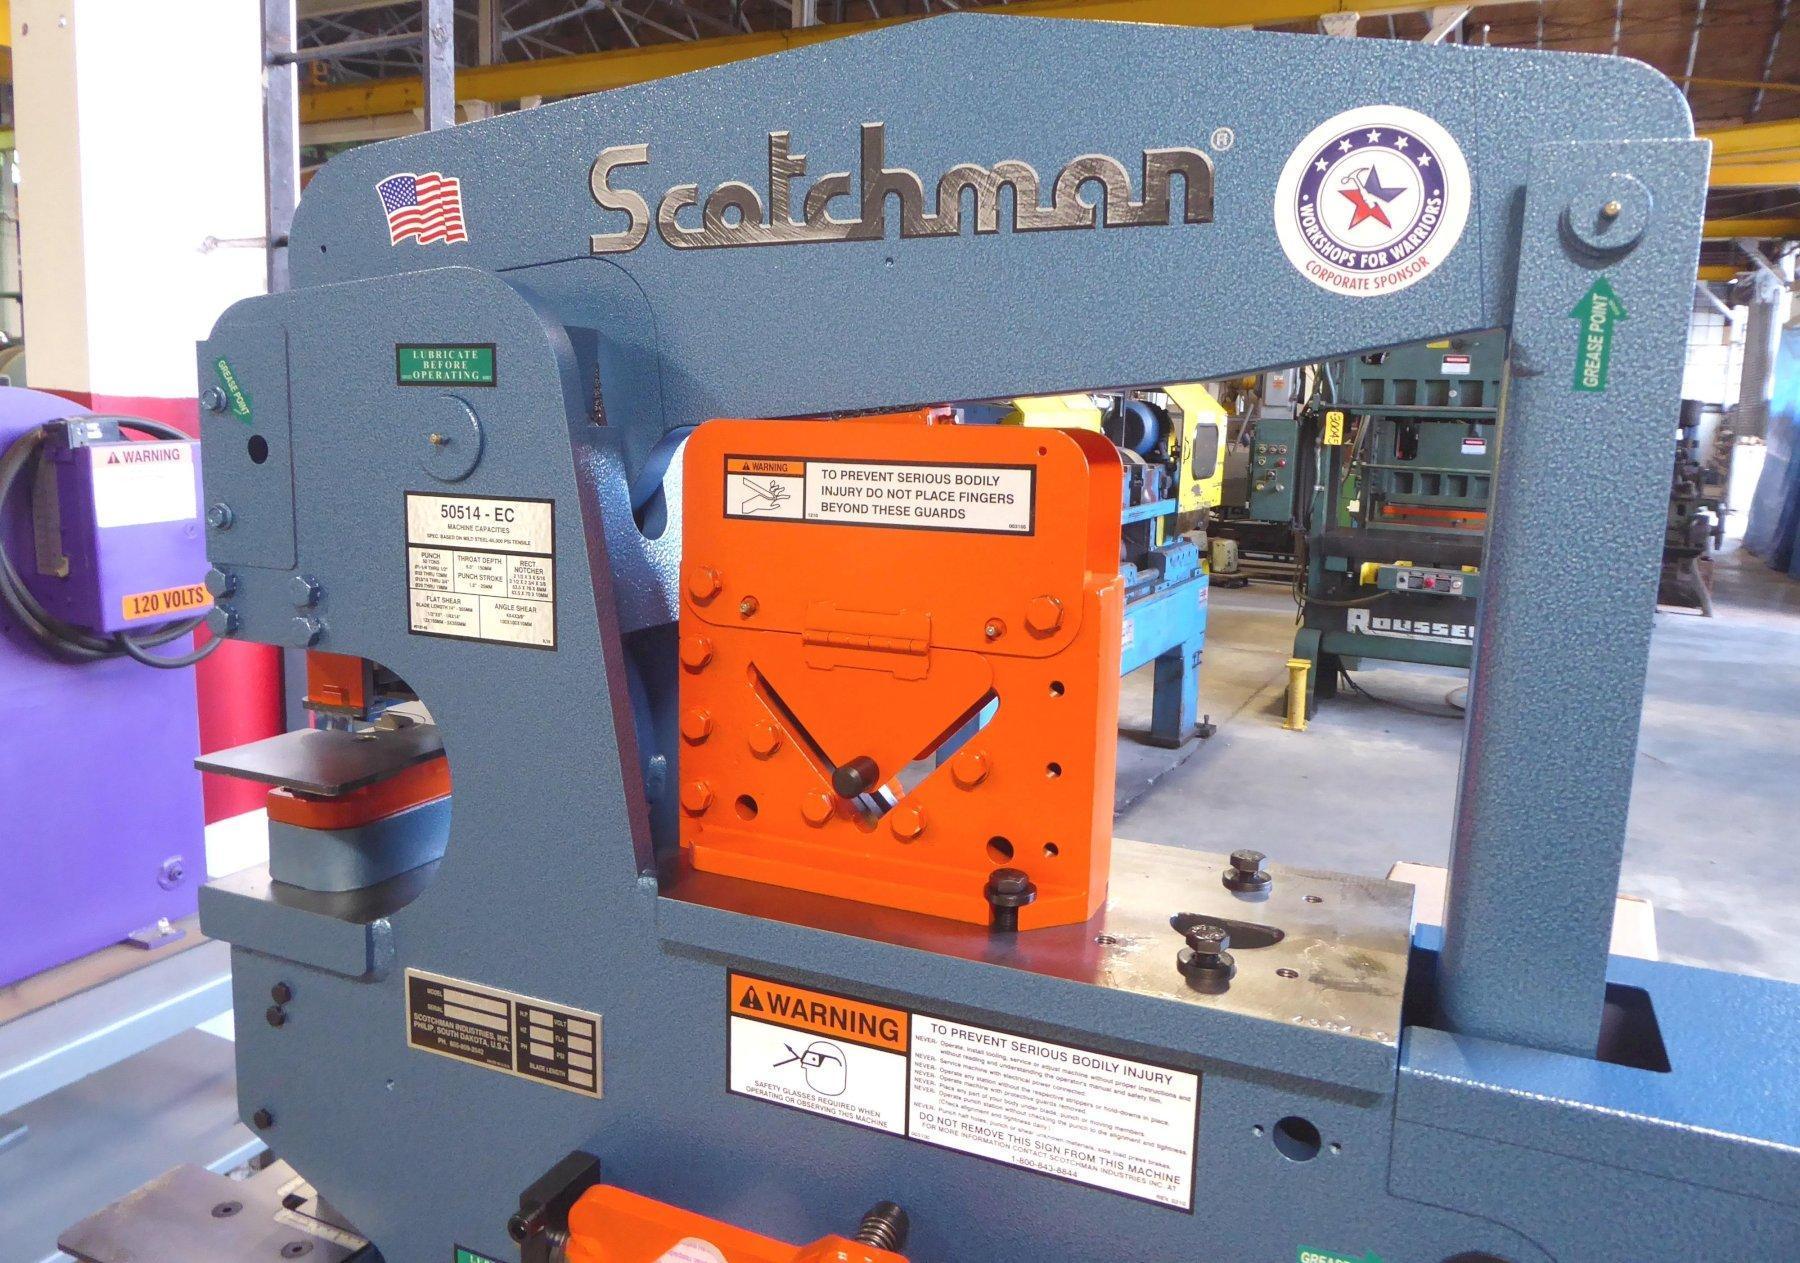 """4"""" x 4"""" x 3/8"""" SCOTCHMAN Hydraulic Ironworker, No. 50514-EC, 50 Ton, Punch, Bar Shear, Notcher, New, In Stock"""